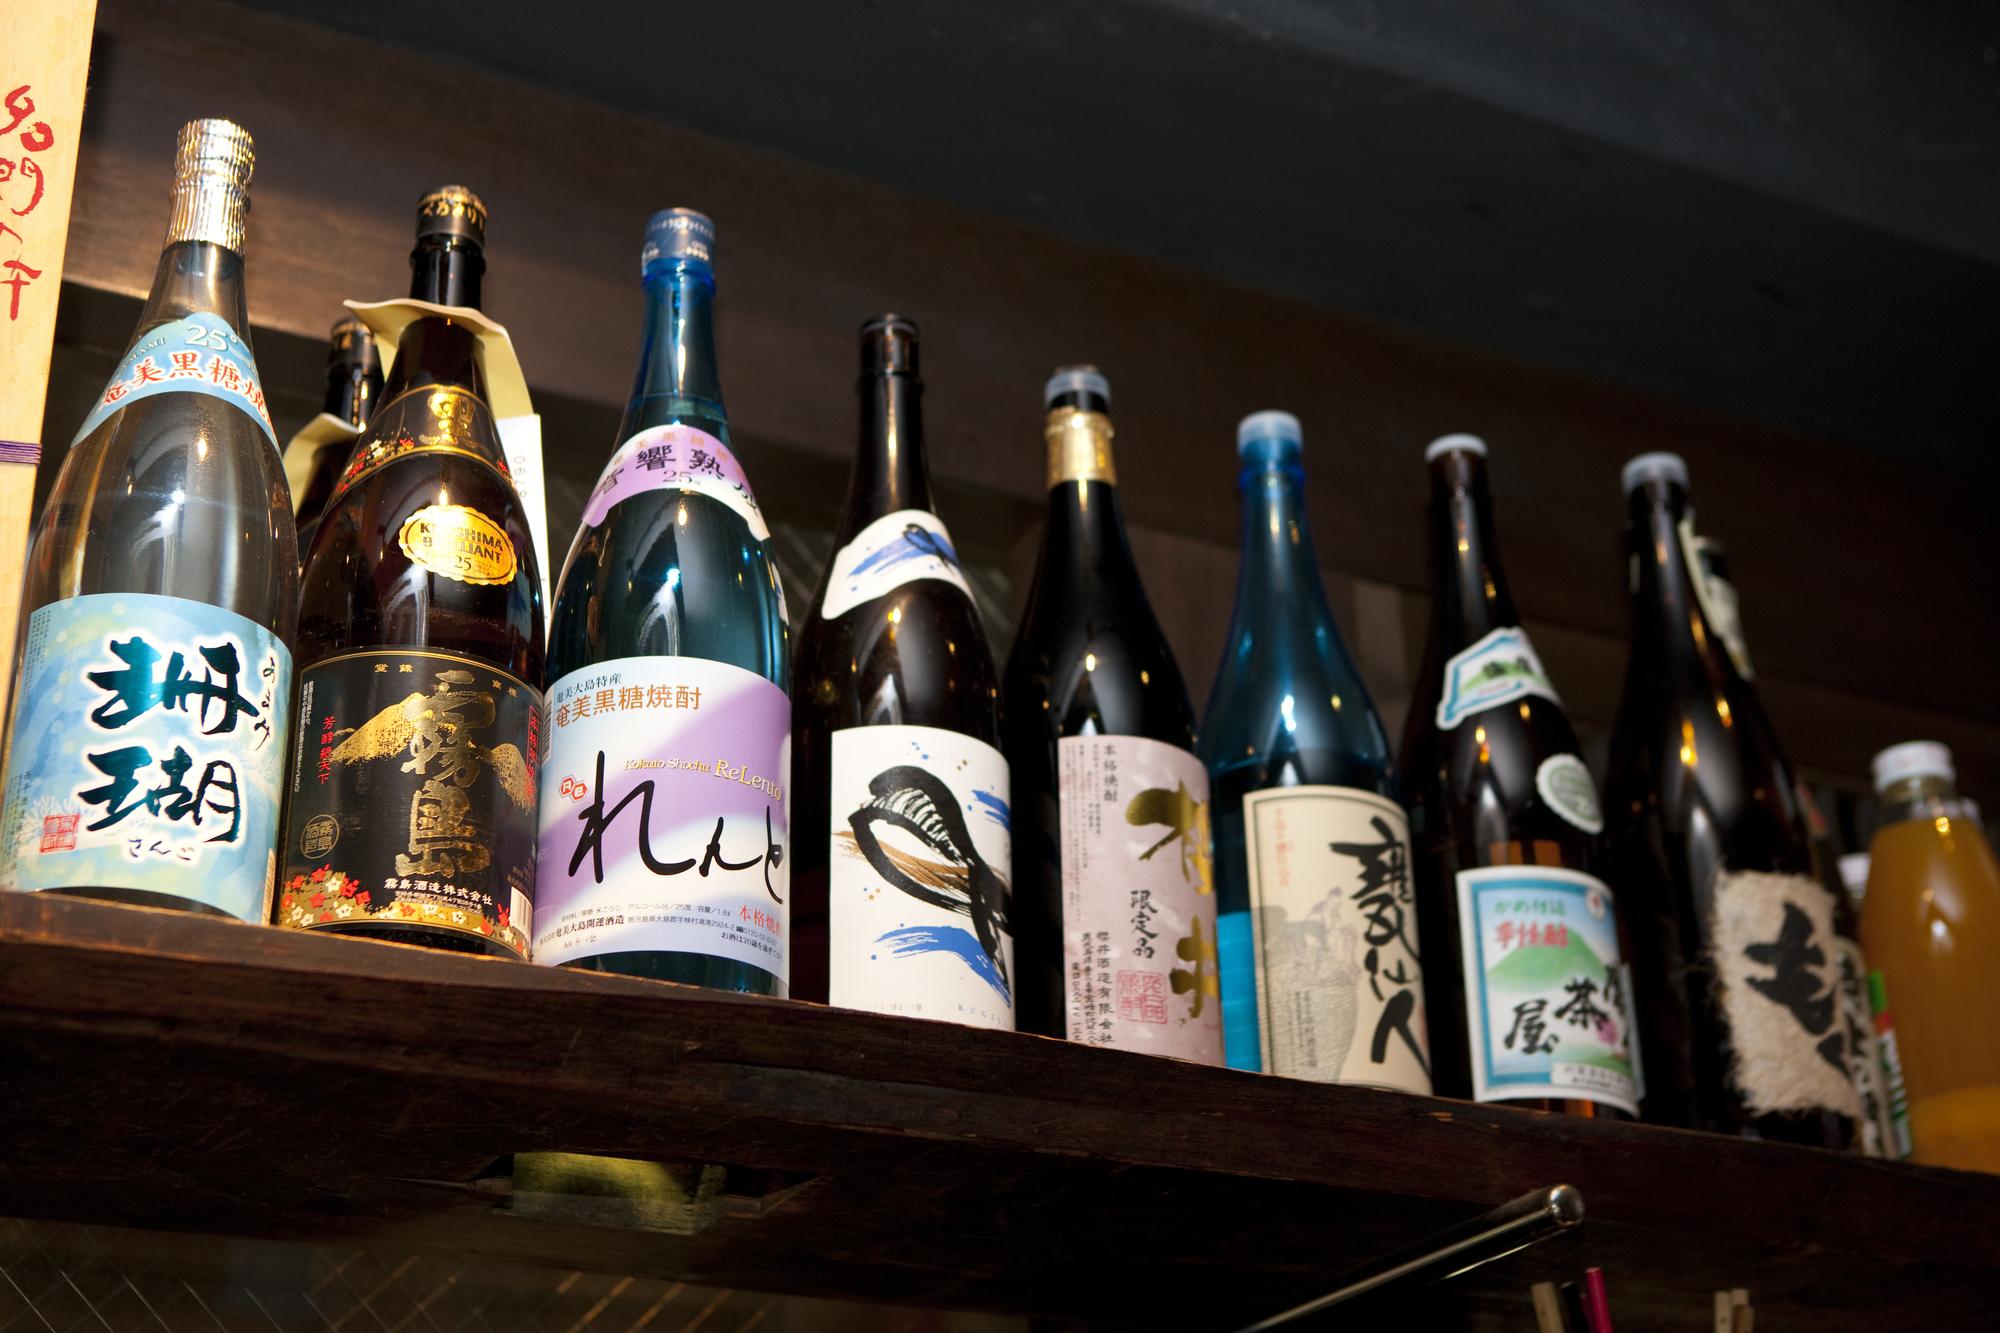 一升瓶の日本酒のコレクションはオーダーメイドで